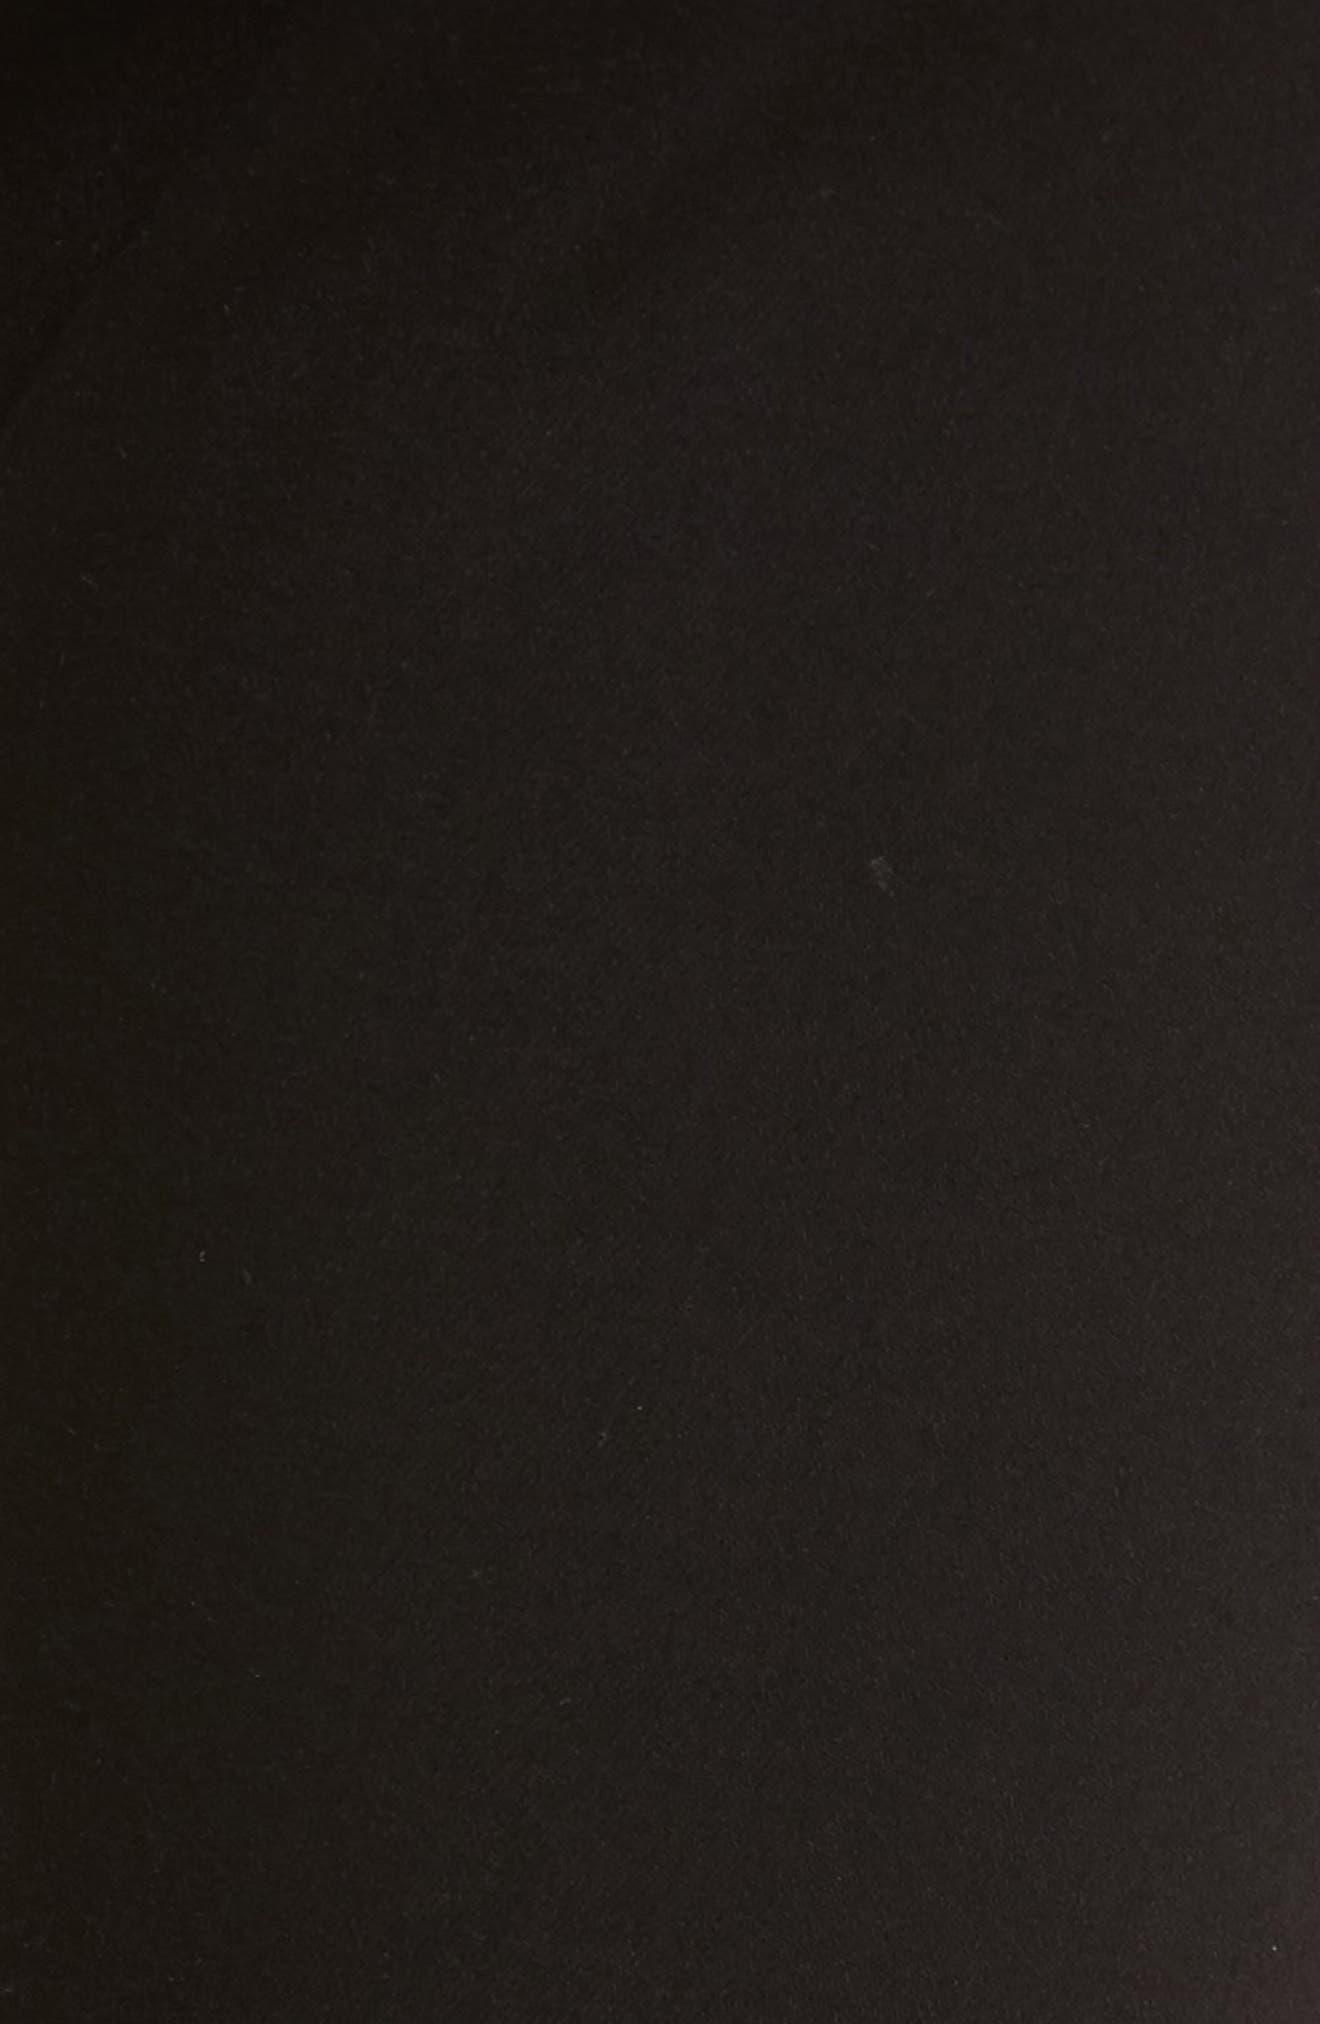 AG, Farrah High Waist Ankle Skinny Jeans, Alternate thumbnail 6, color, SUPER BLACK